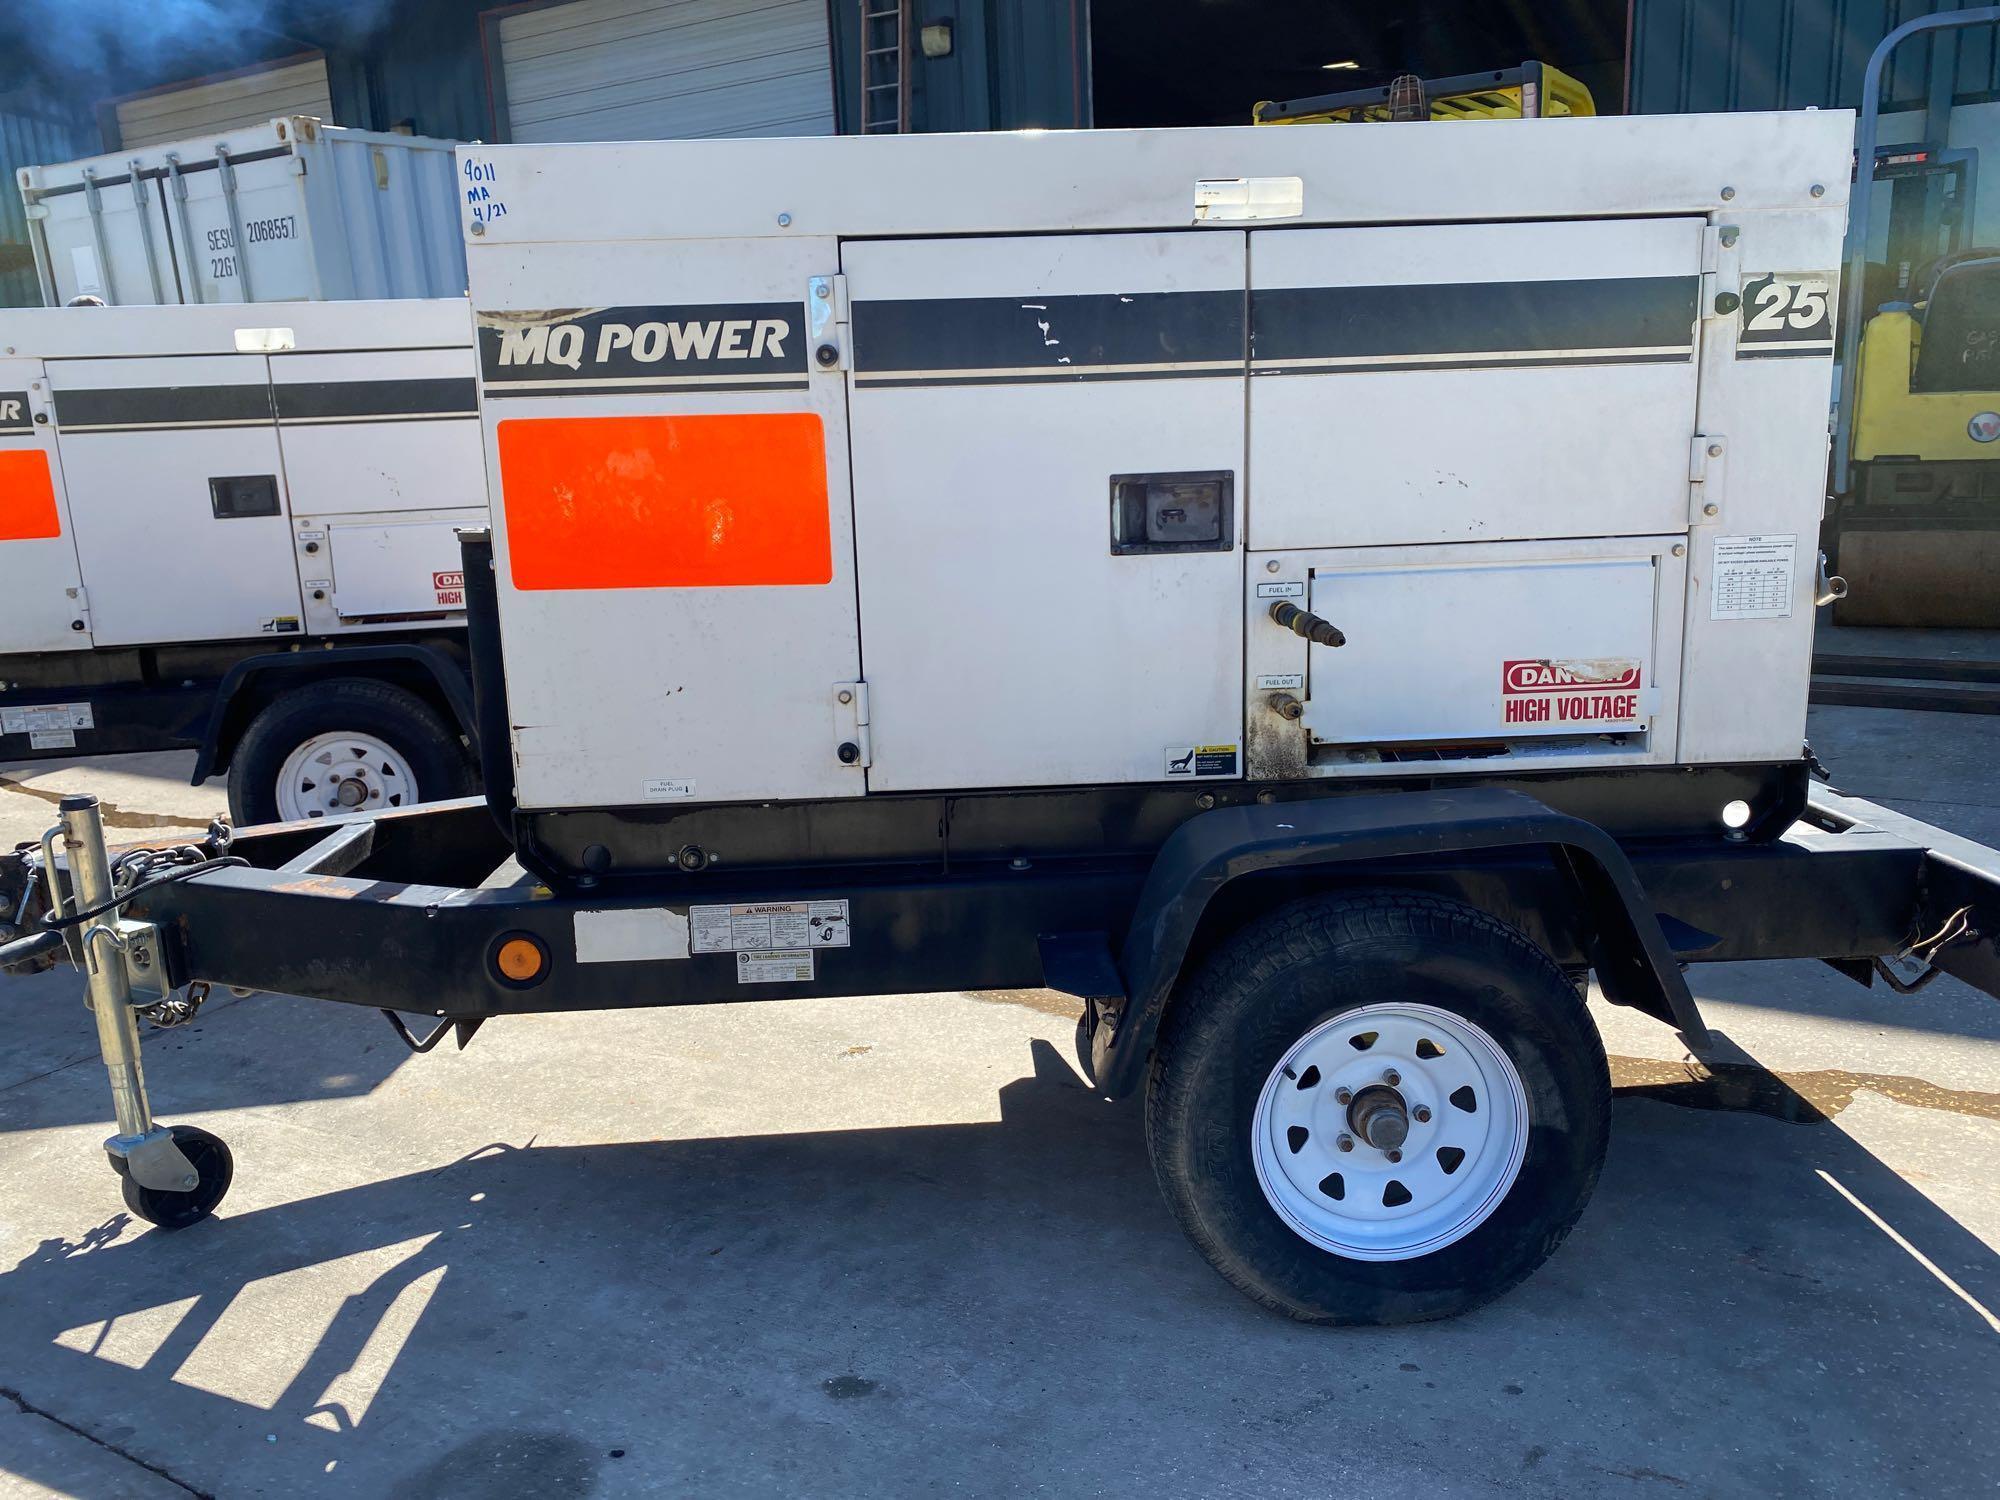 2011/2012 WHISPERWATT MQ POWER DIESEL GENERATOR, TRAILER MOUNTED, 20KW, 25KVA, RUNS AND OPERATES - Image 12 of 20